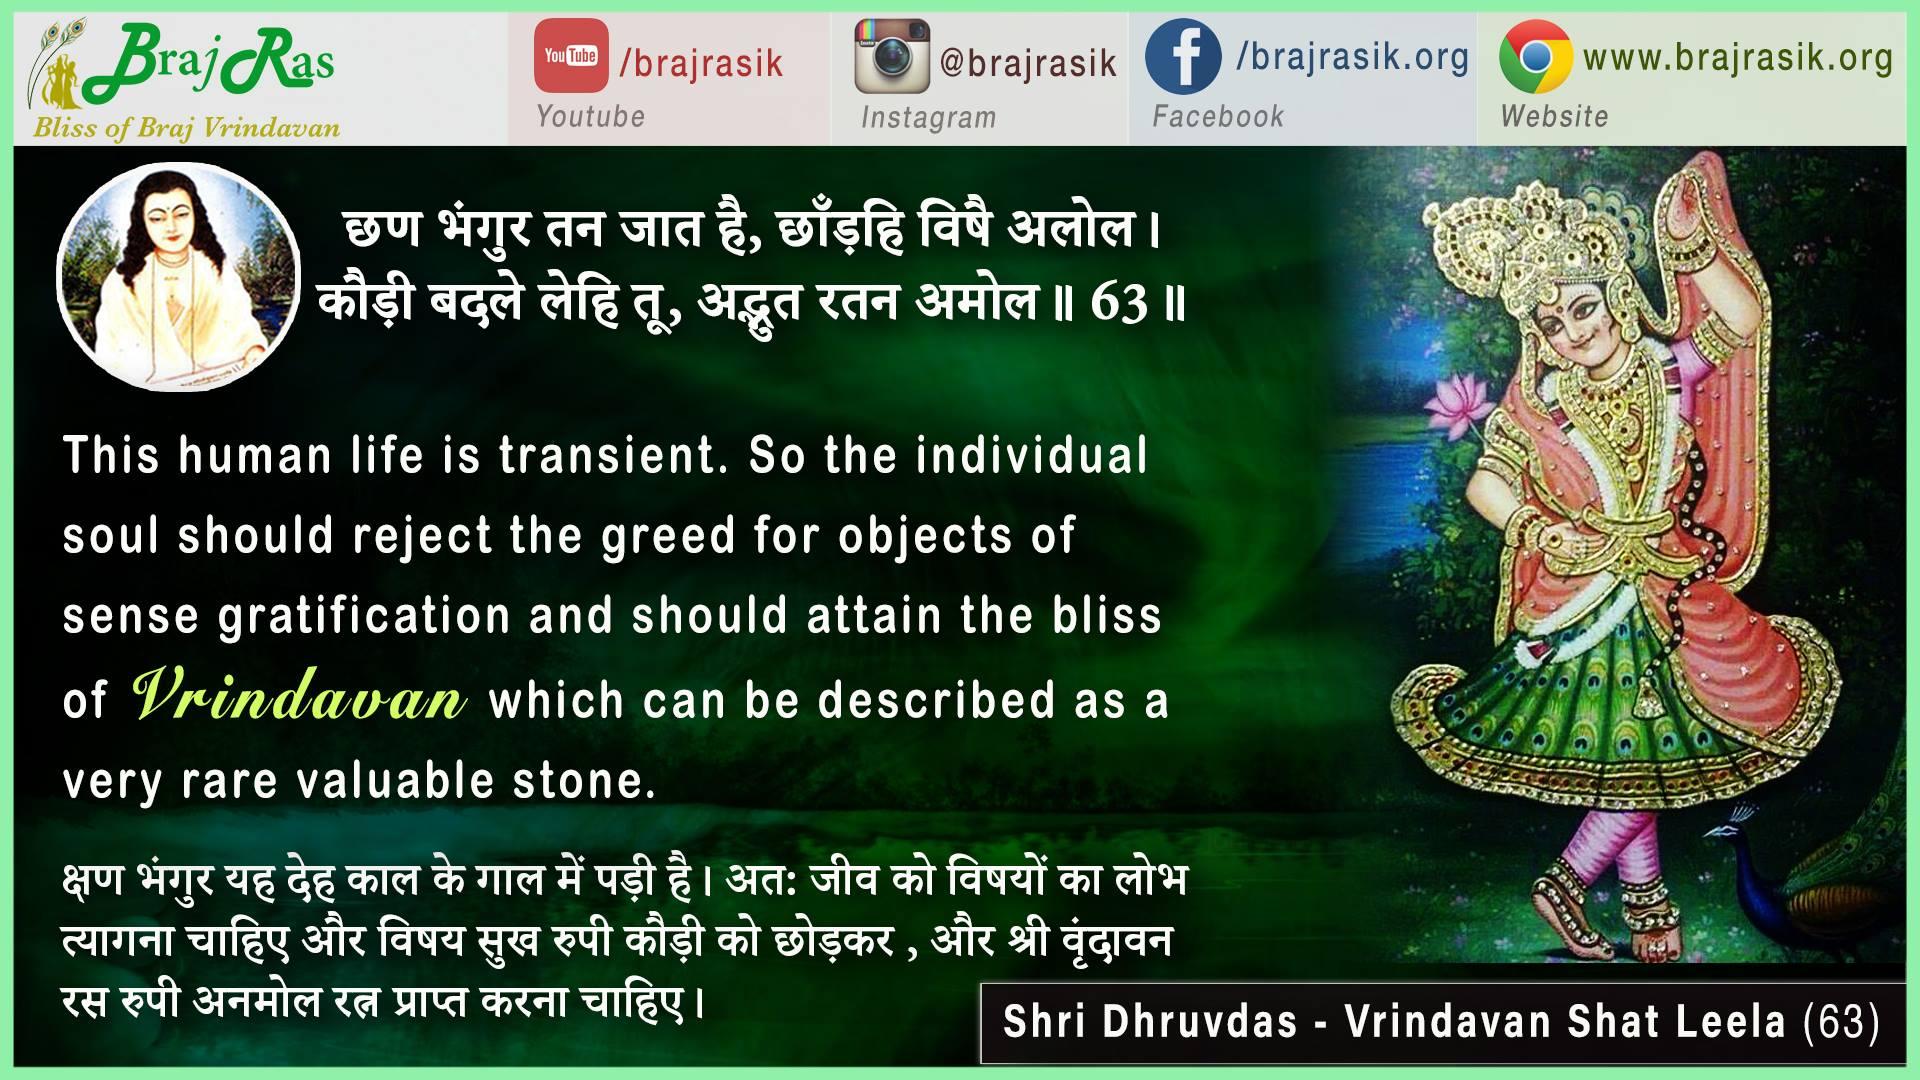 Kshan Bhangur Tan Jaat Hai - Shri Dhruvdas - Vrindavan Shat Leela